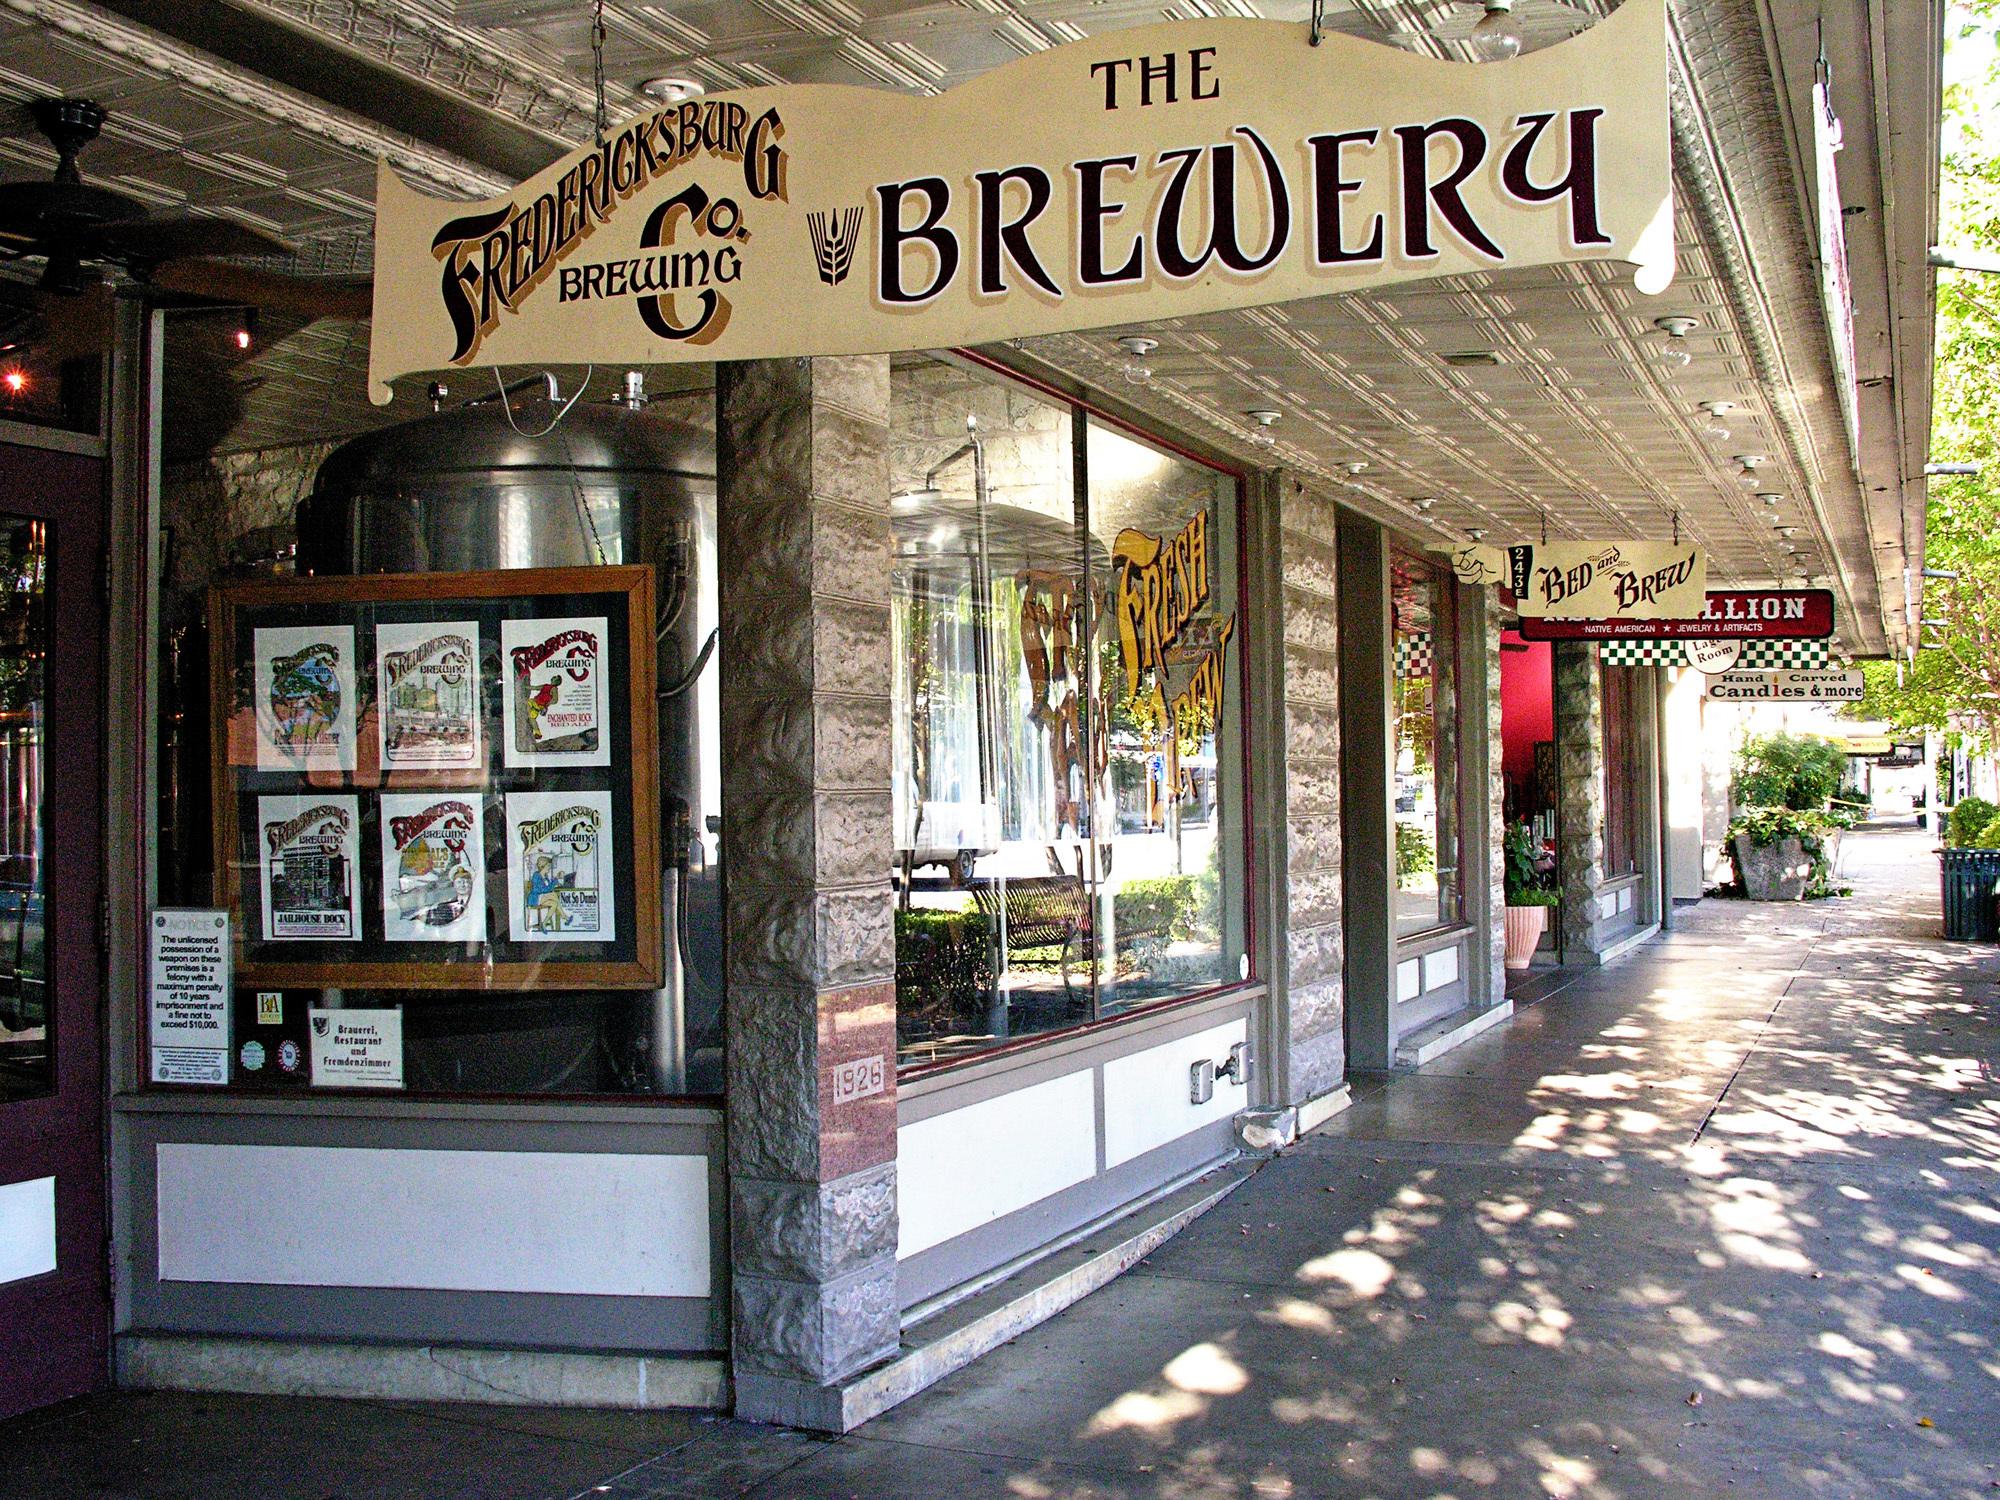 Fredericksburg-Brewery-Main-St.jpg?mtime=20190131092436#asset:104683